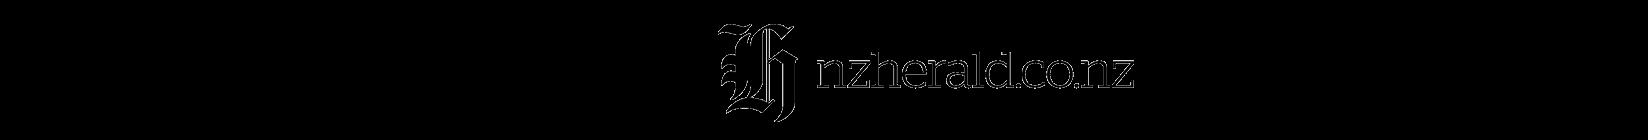 all-media-logos